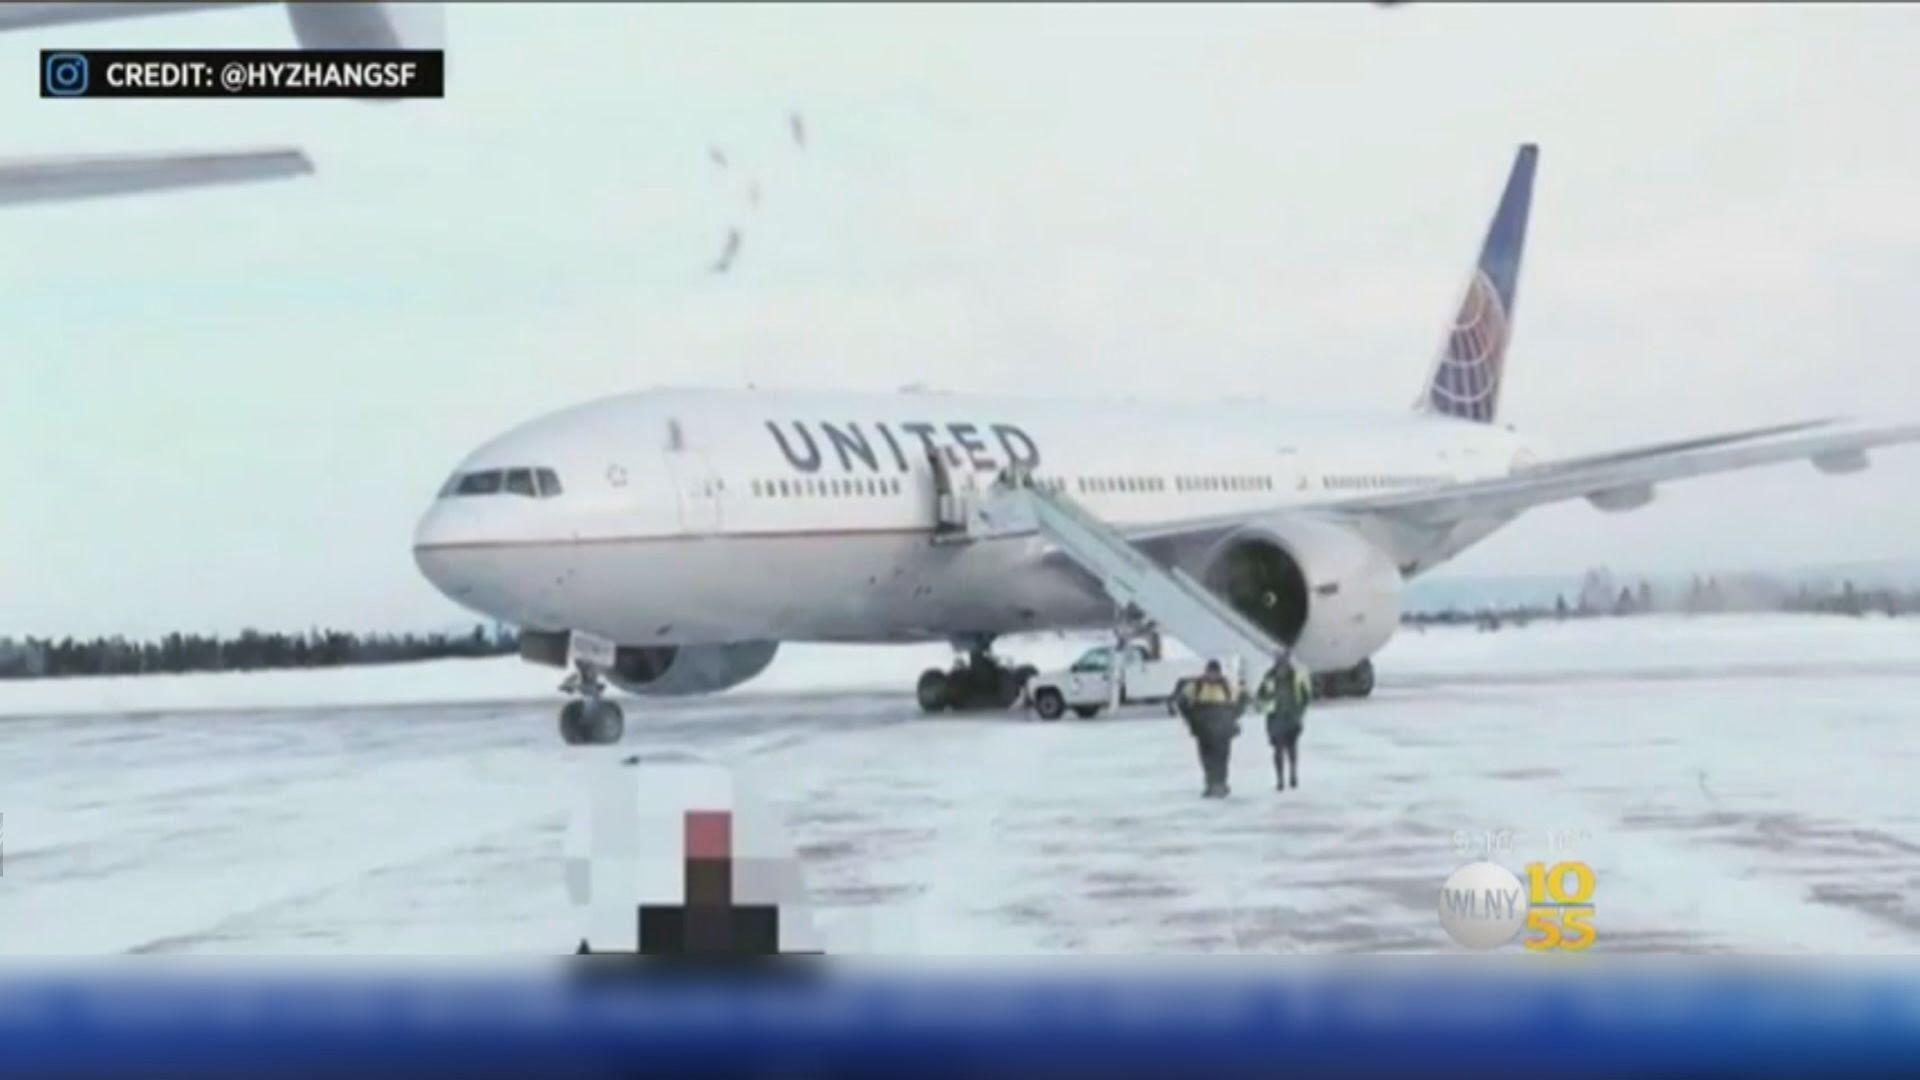 聯合航空乘客嚴寒下滯留機艙逾十多小時